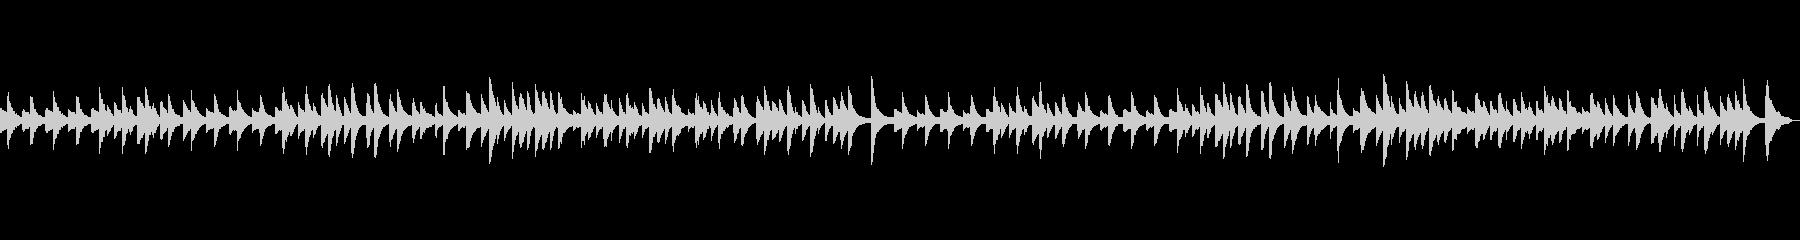 サティ「ジムノペディ」第1番 ピアノの未再生の波形